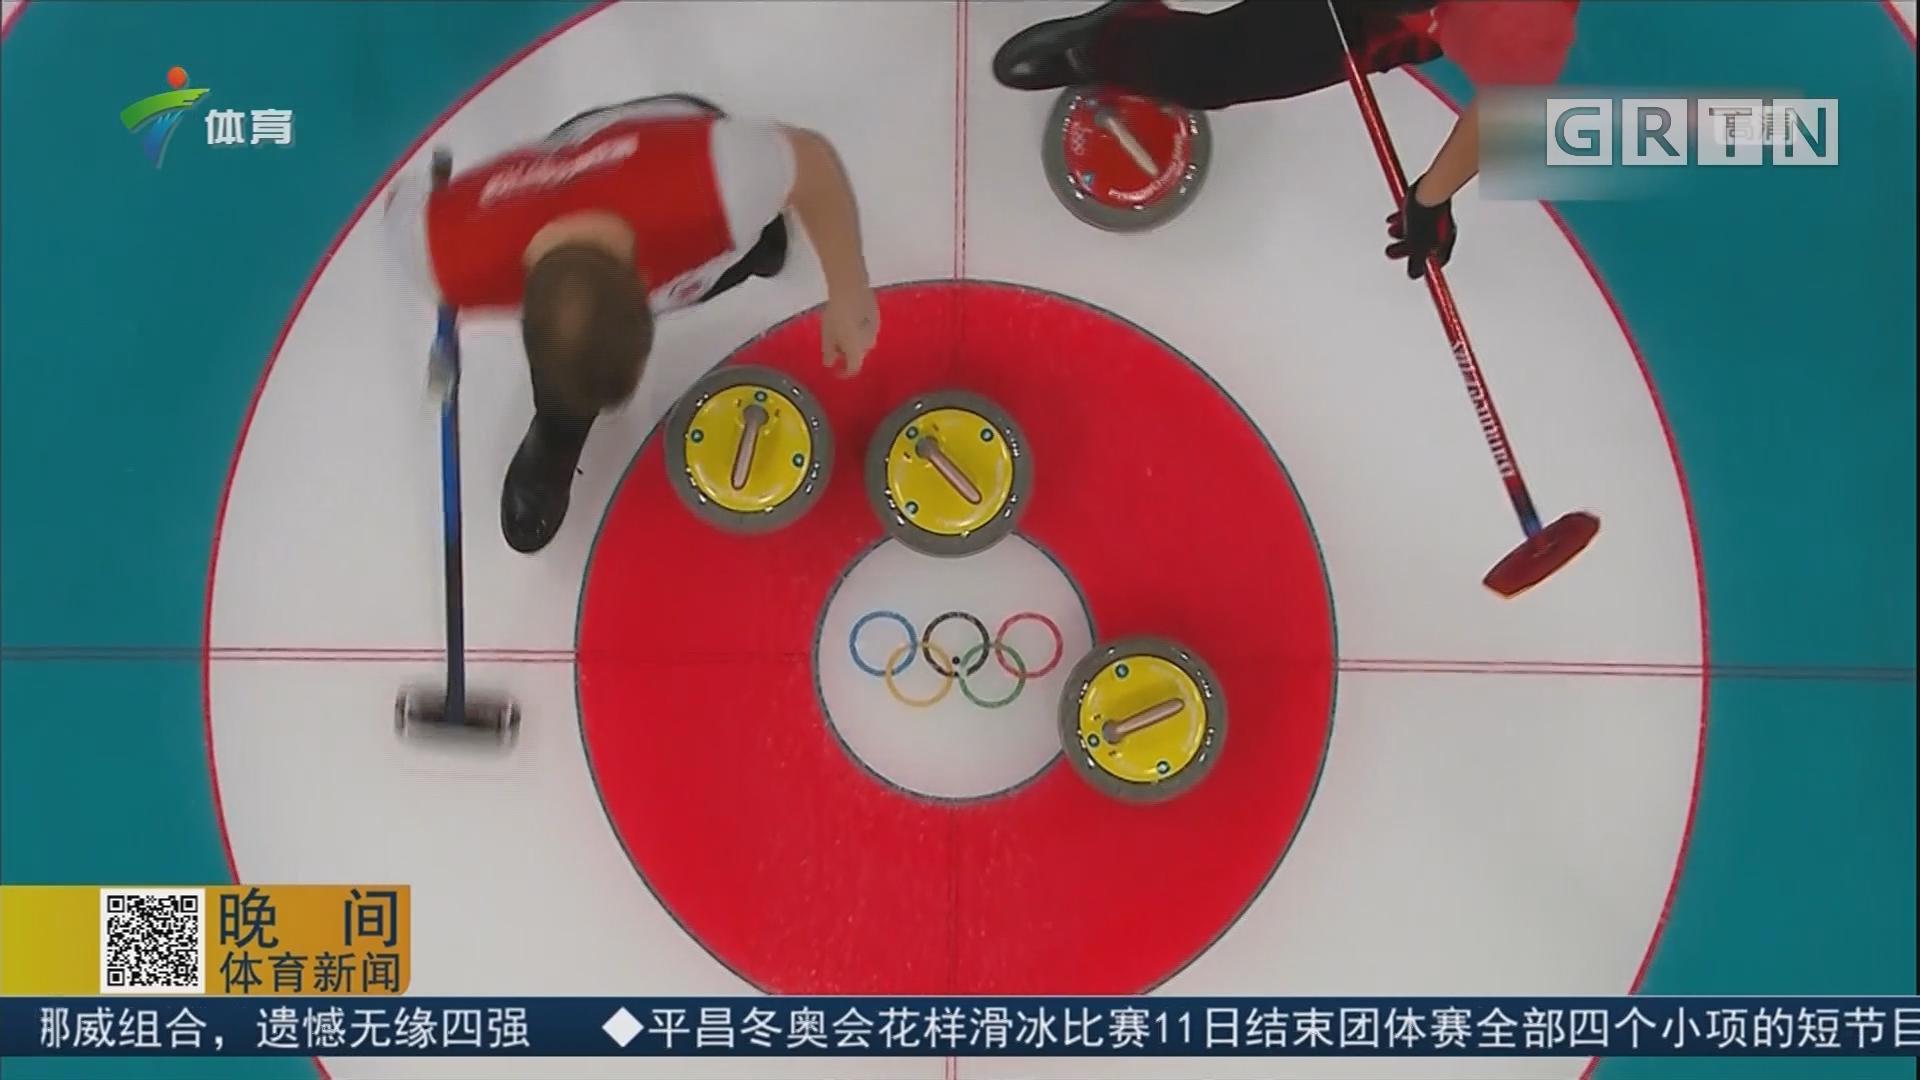 冰壶混双 中国组合无缘四强